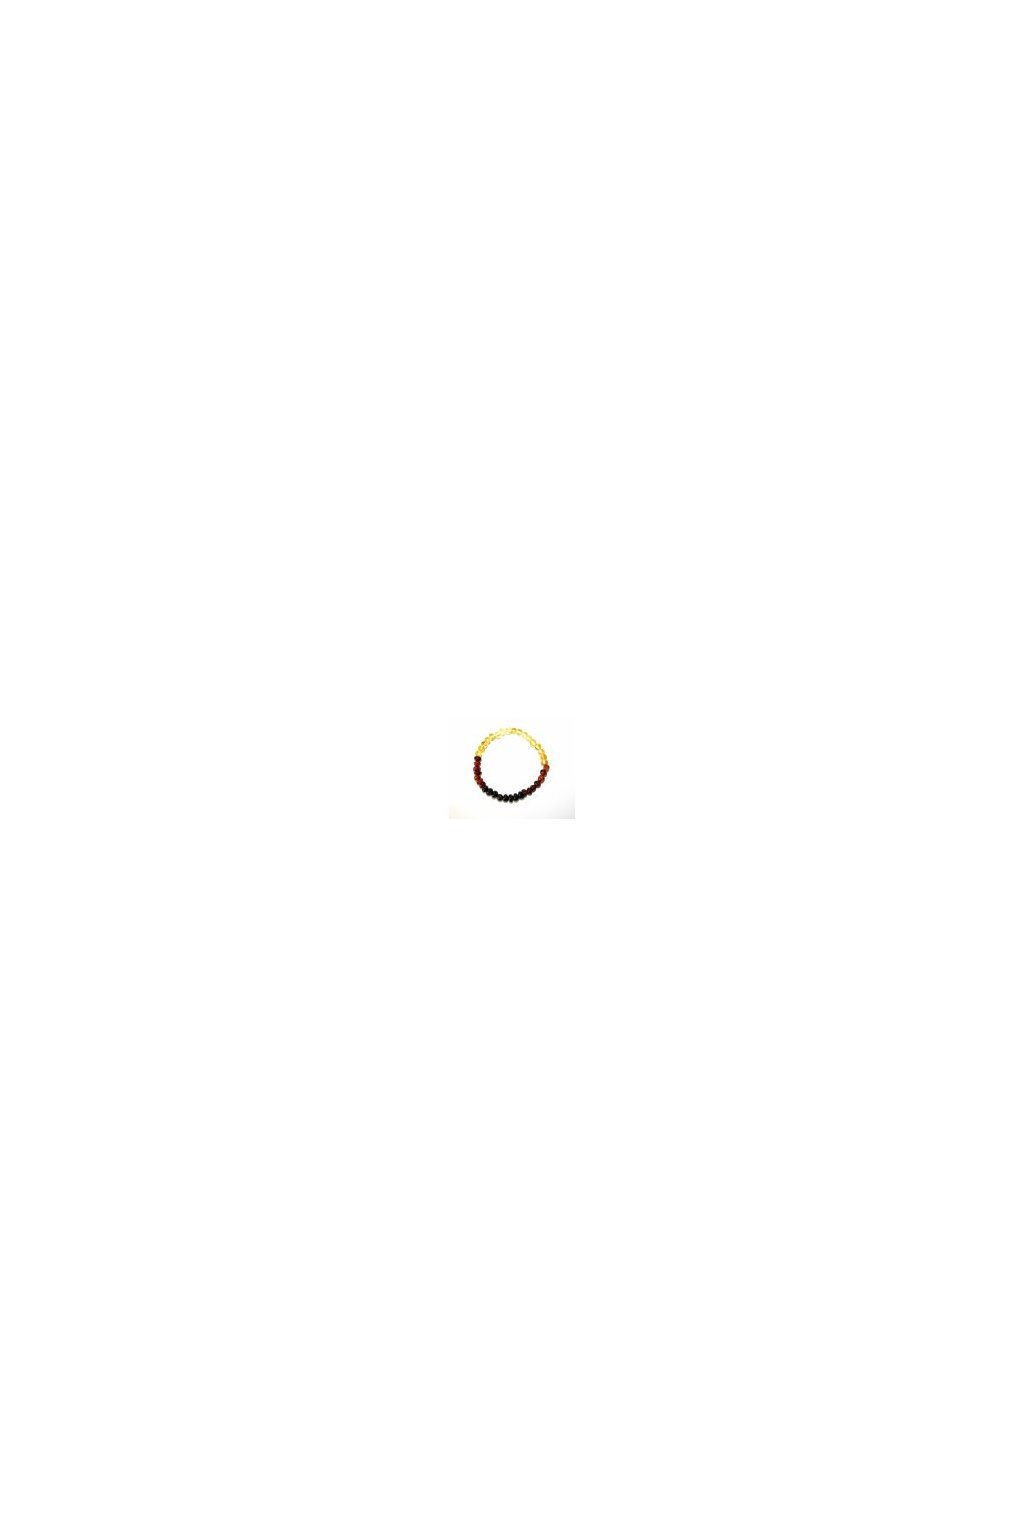 Náramek pro ženy - velká duha - 18 cm